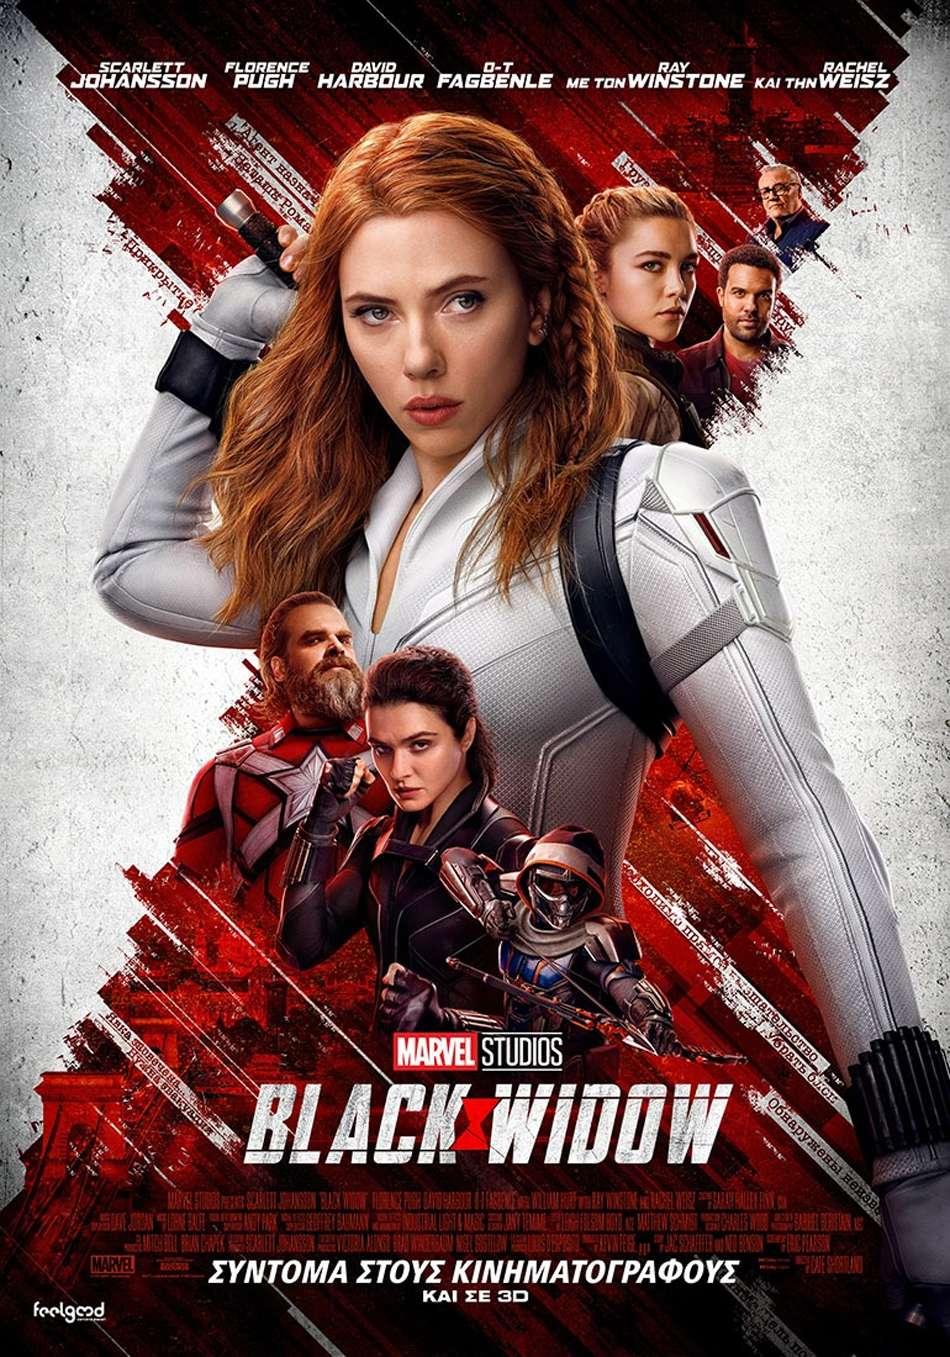 Μαύρη Χήρα (Black Widow) - Trailer / Τρέιλερ Poster